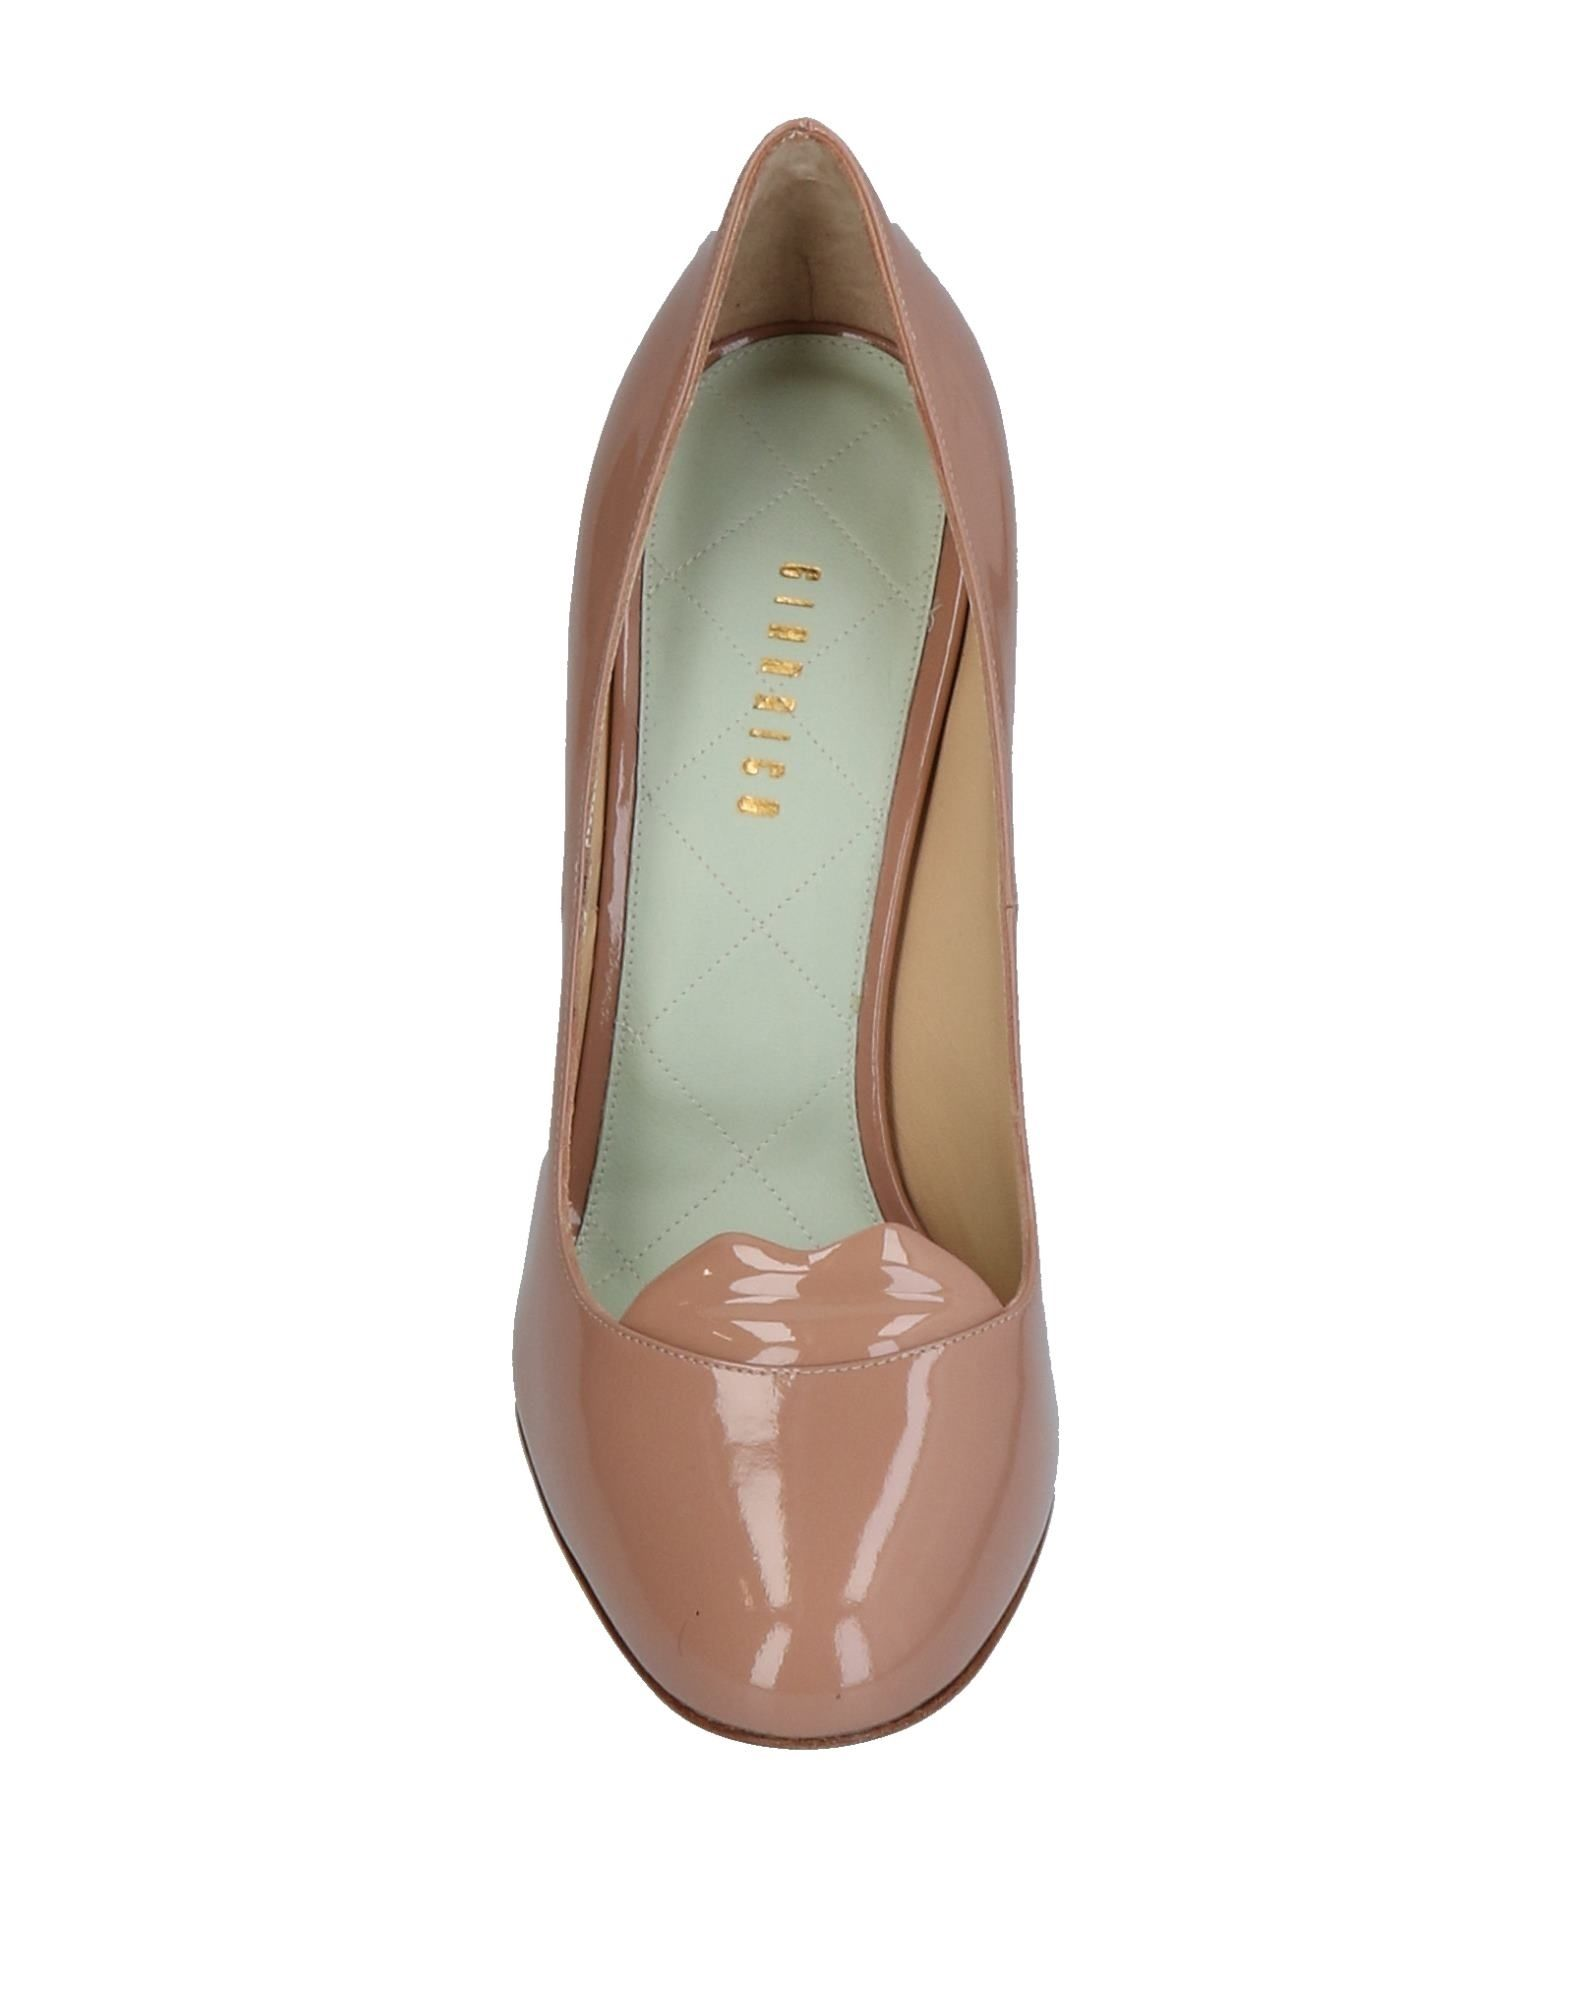 Stilvolle billige Schuhe Giannico Pumps Pumps Pumps Damen  11450818JE 50858a